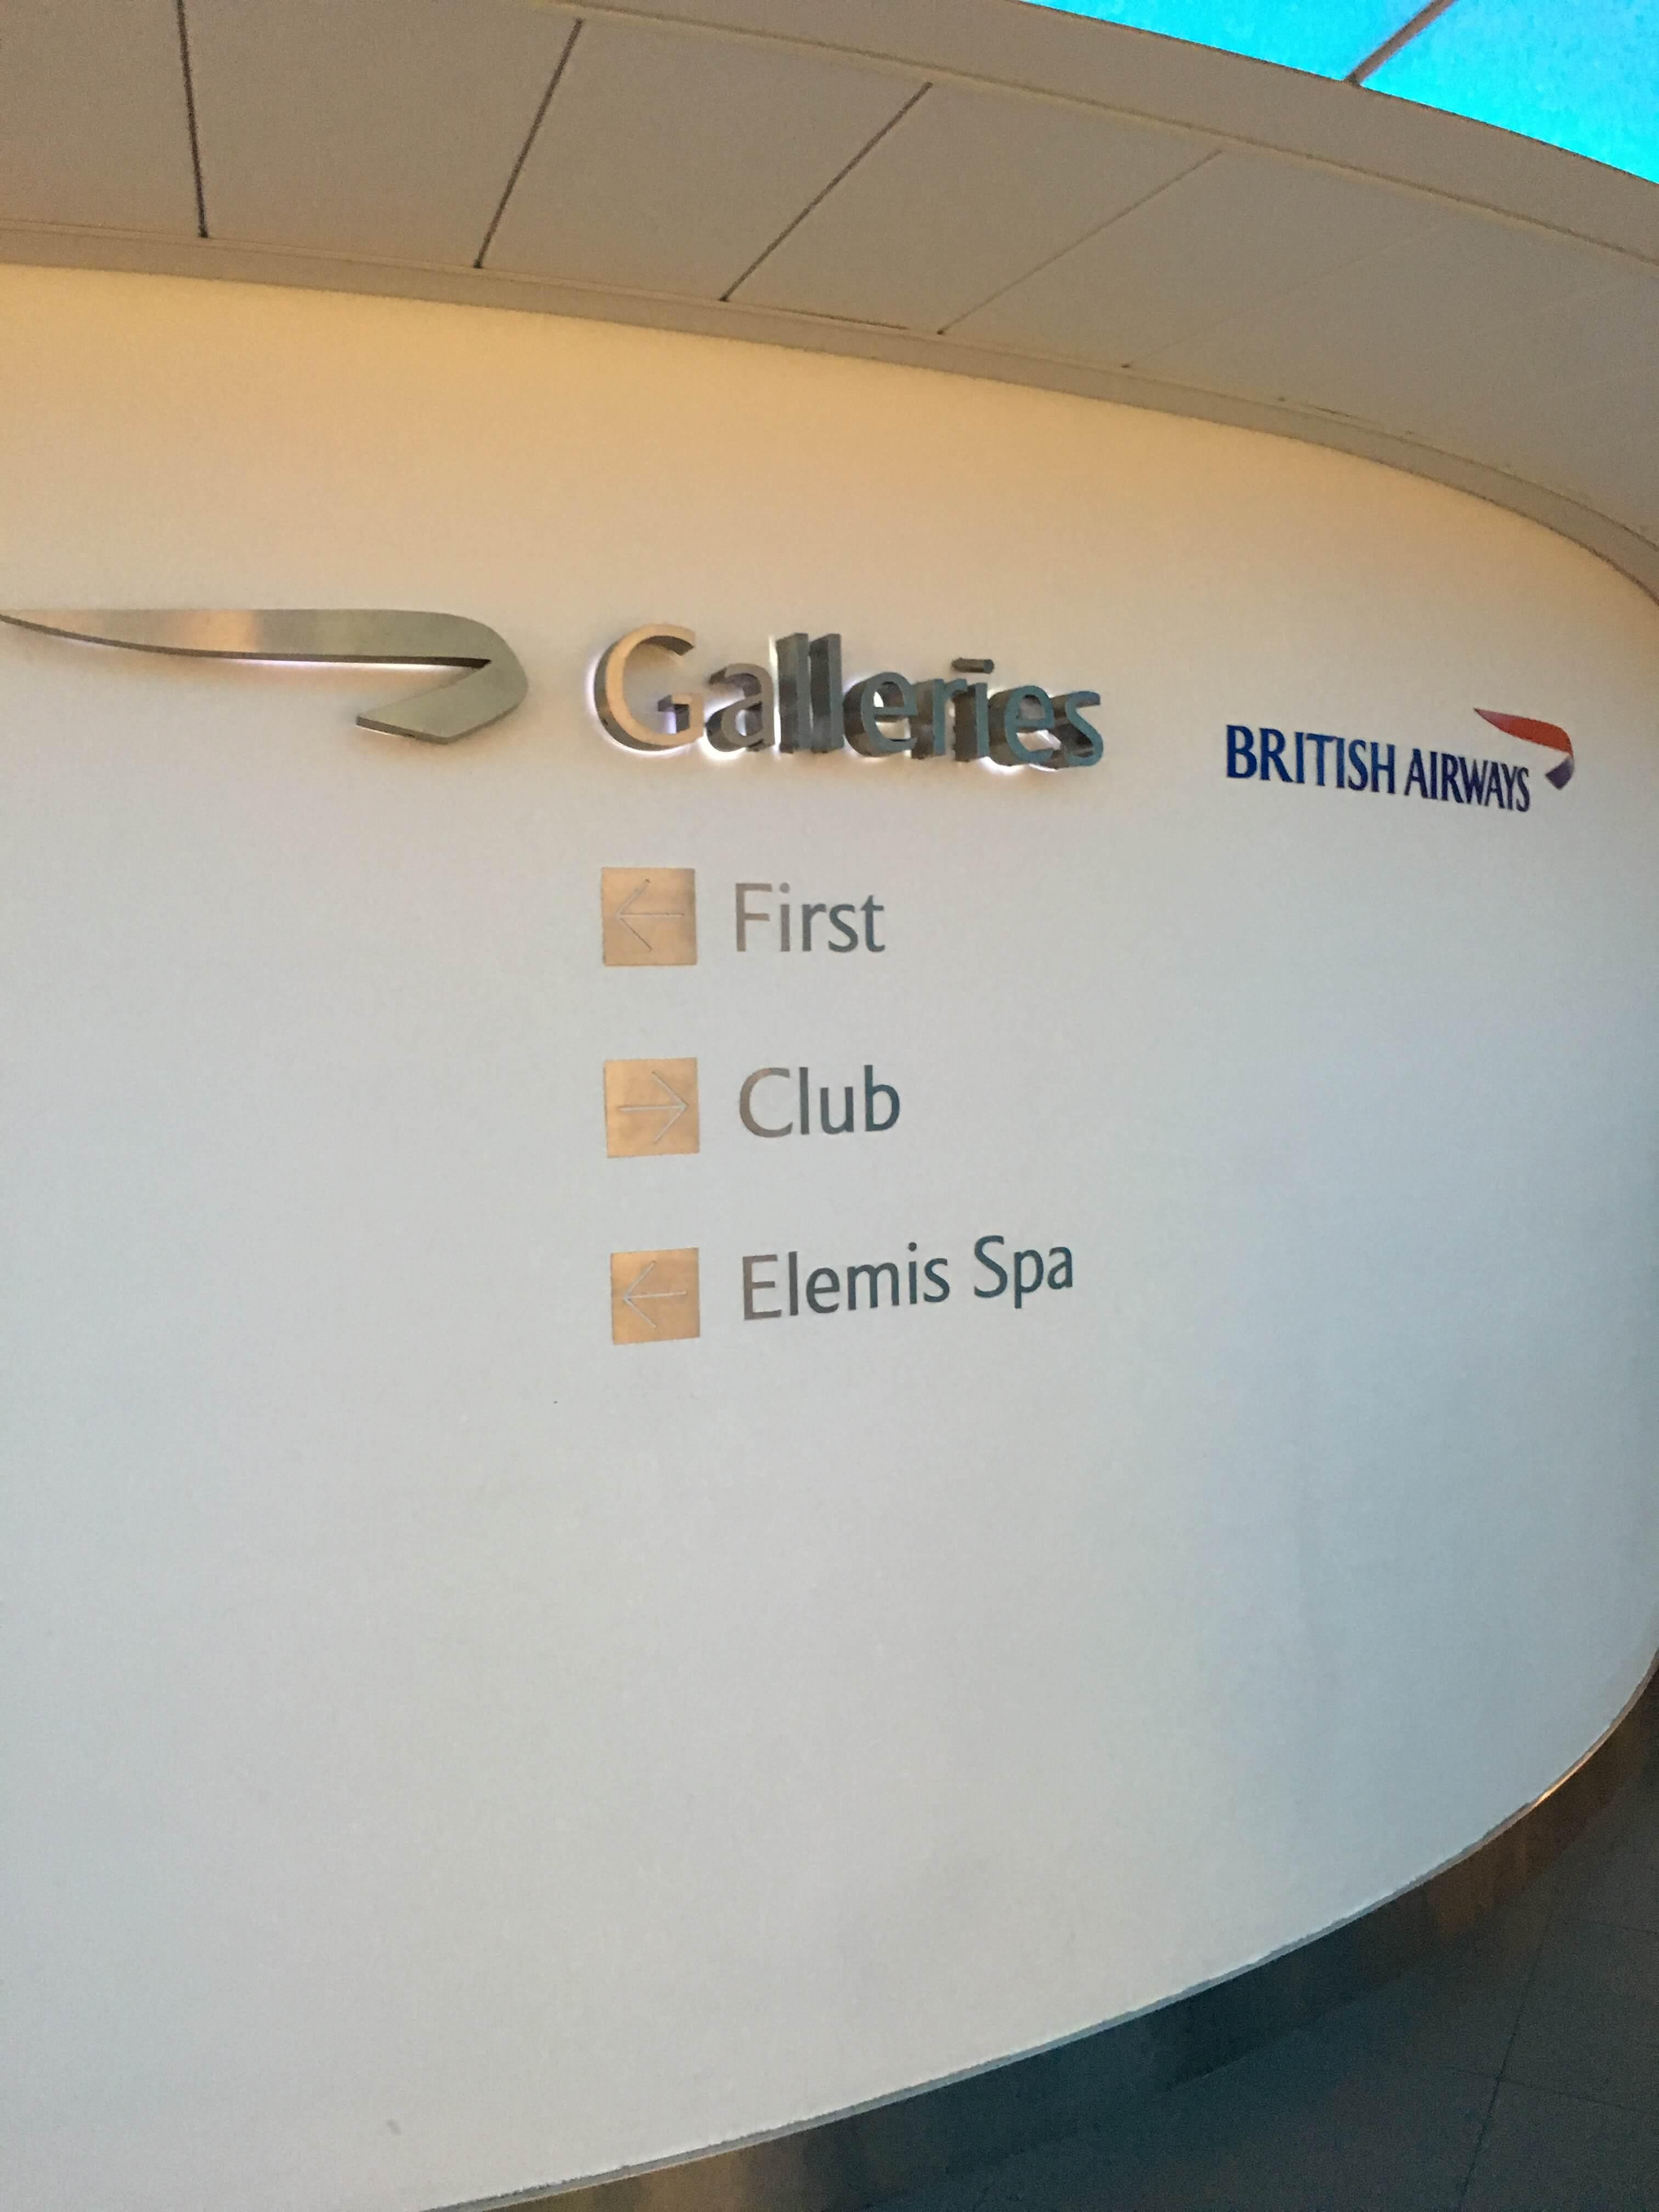 Lounge Review : ヒースロー空港(LHR) ターミナル3 ブリティッシュ・エアウェイズ(BA) Galleries Club Lounge